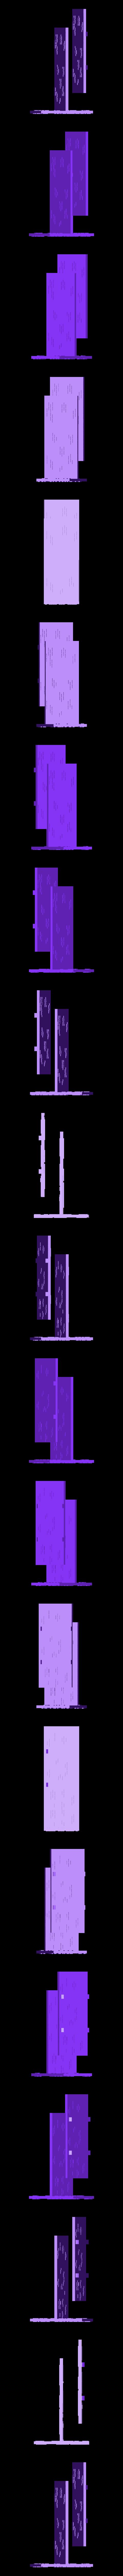 tall_flat1.stl Download free STL file Ripper's London - Street Accessories • 3D printing model, Earsling